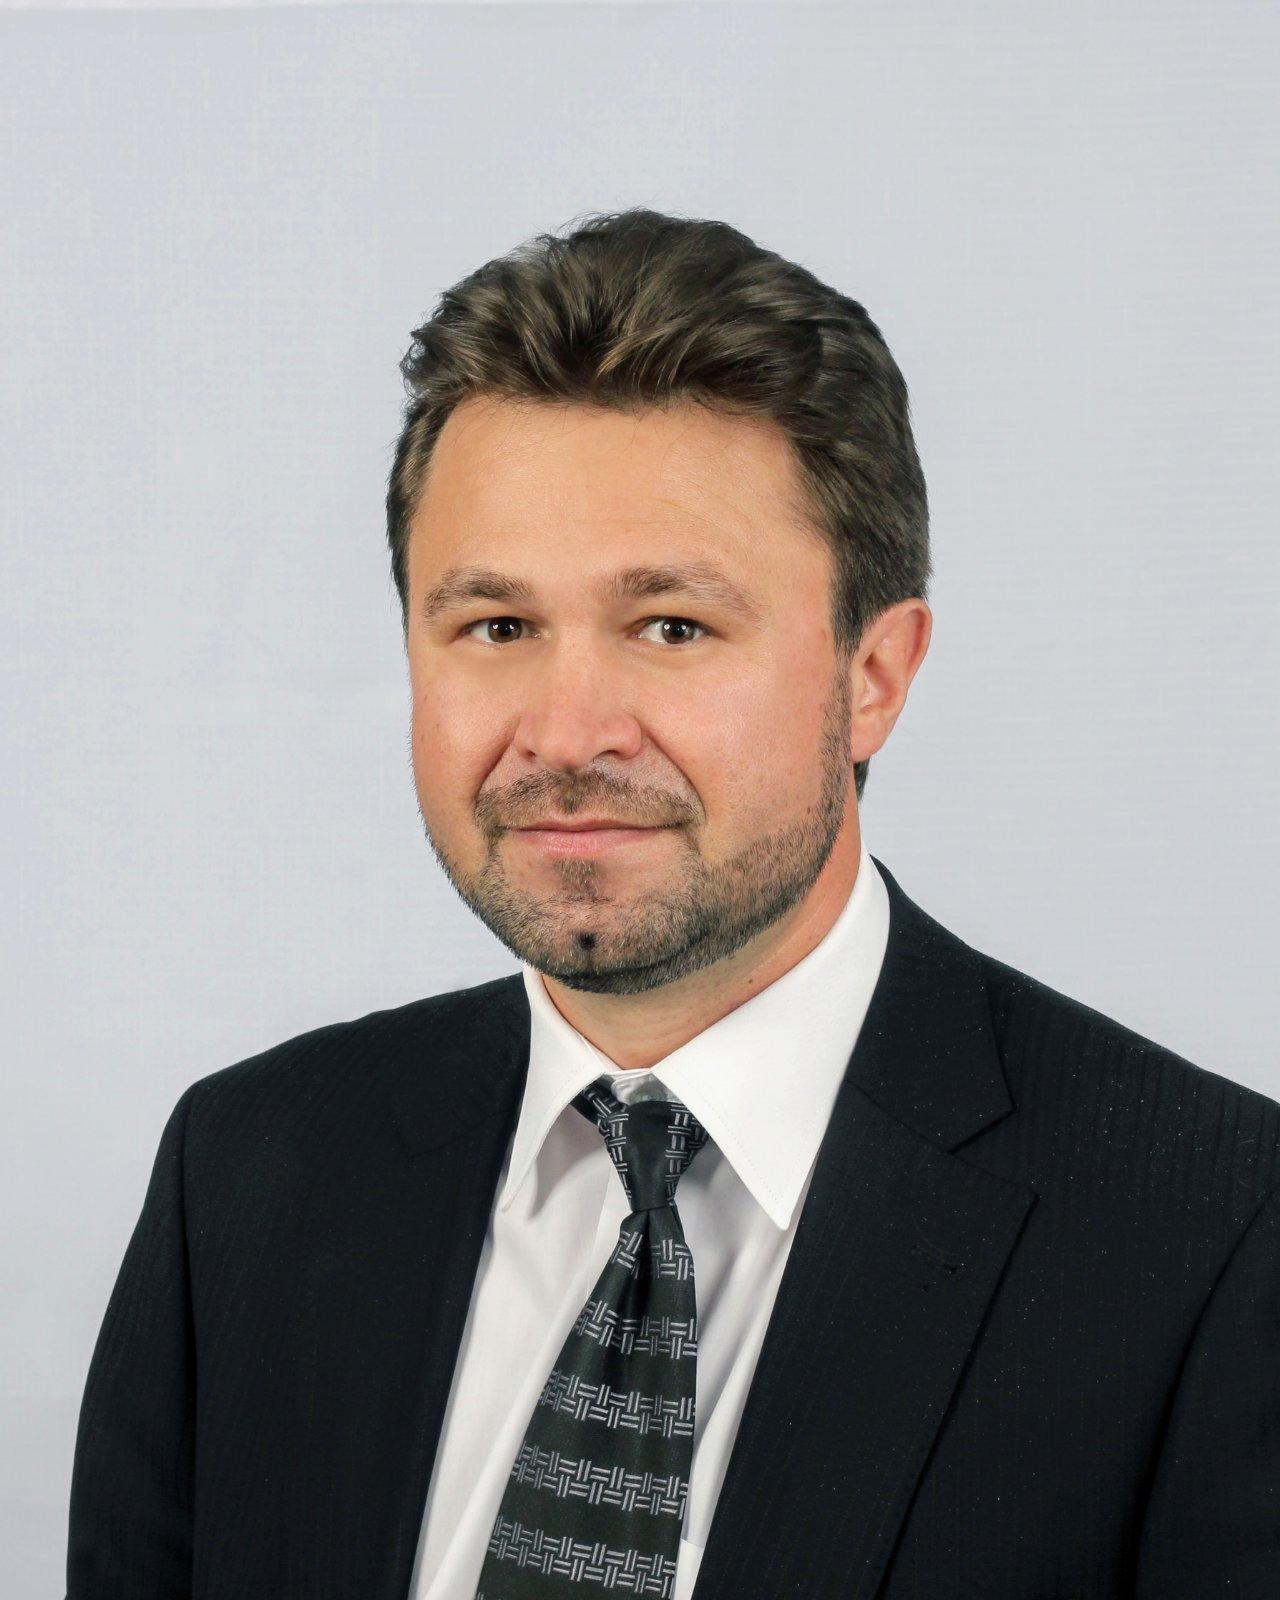 д-р Светослав Стефанов е новоизбраният областен председател на БСП - Област Търговище